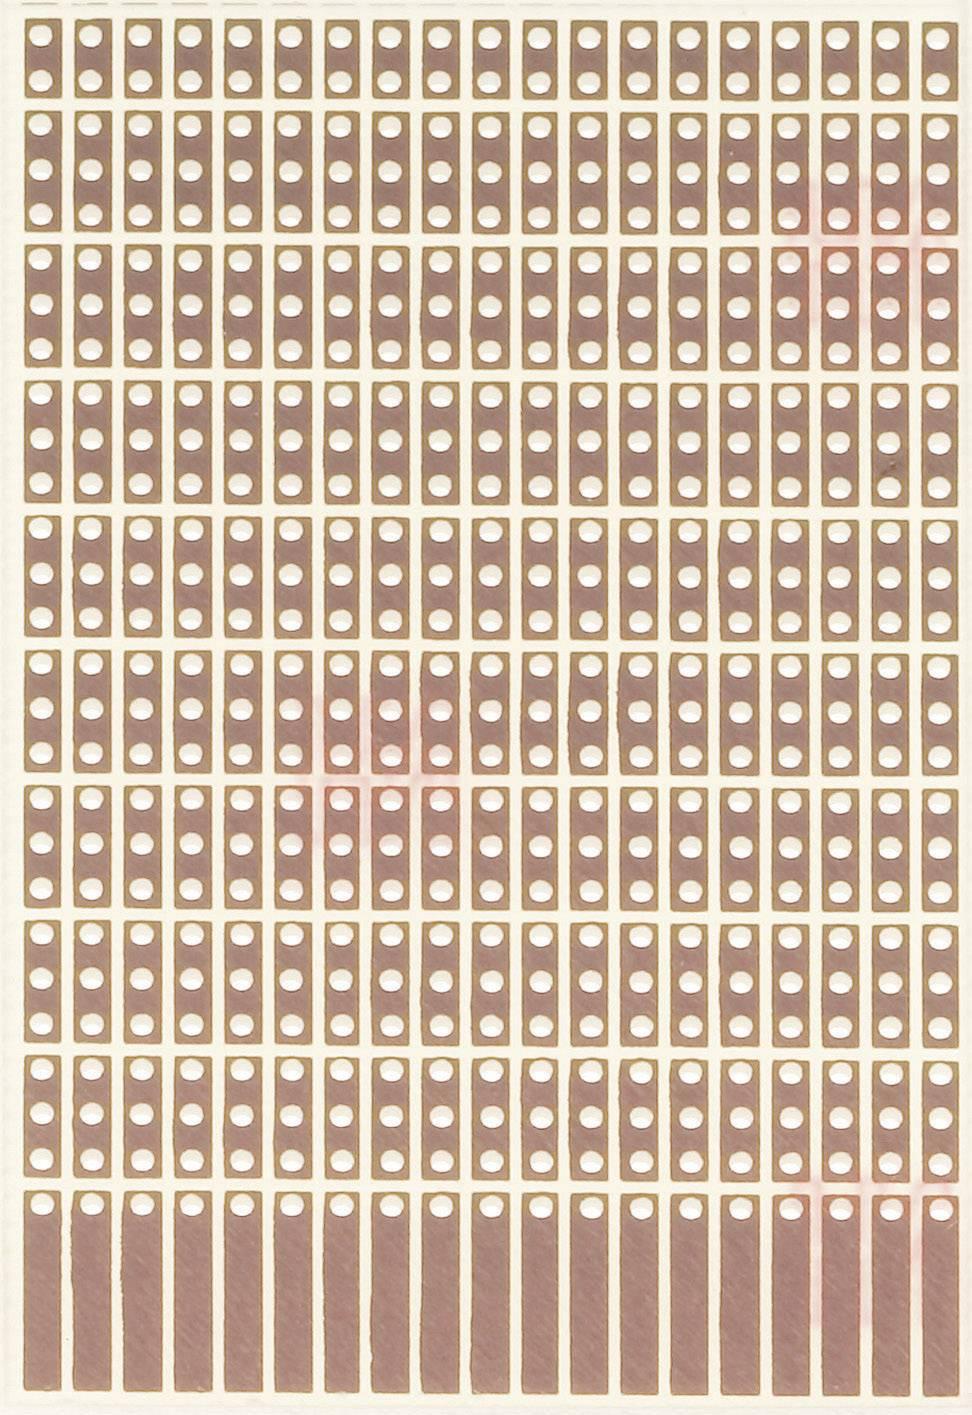 Laboratorní deska WR Rademacher VK C-908-1-EP, 80 x 50 x 1,5 mm, EP